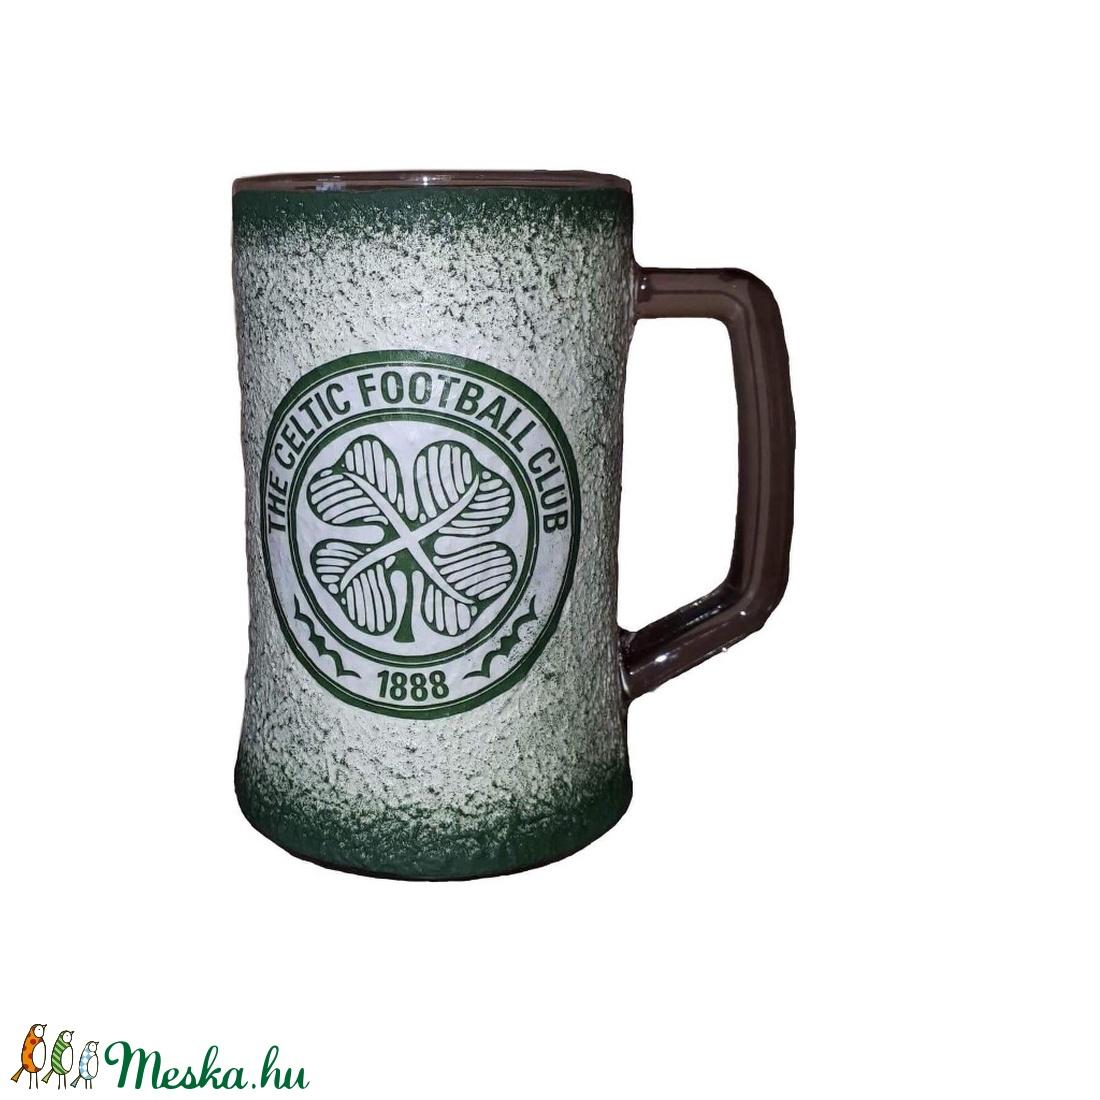 Kelta focicsapat sörös korsó  futball rajongói ajándék férfiaknak, férjeknek, barátoknak - otthon & lakás - konyhafelszerelés - pohár - Meska.hu